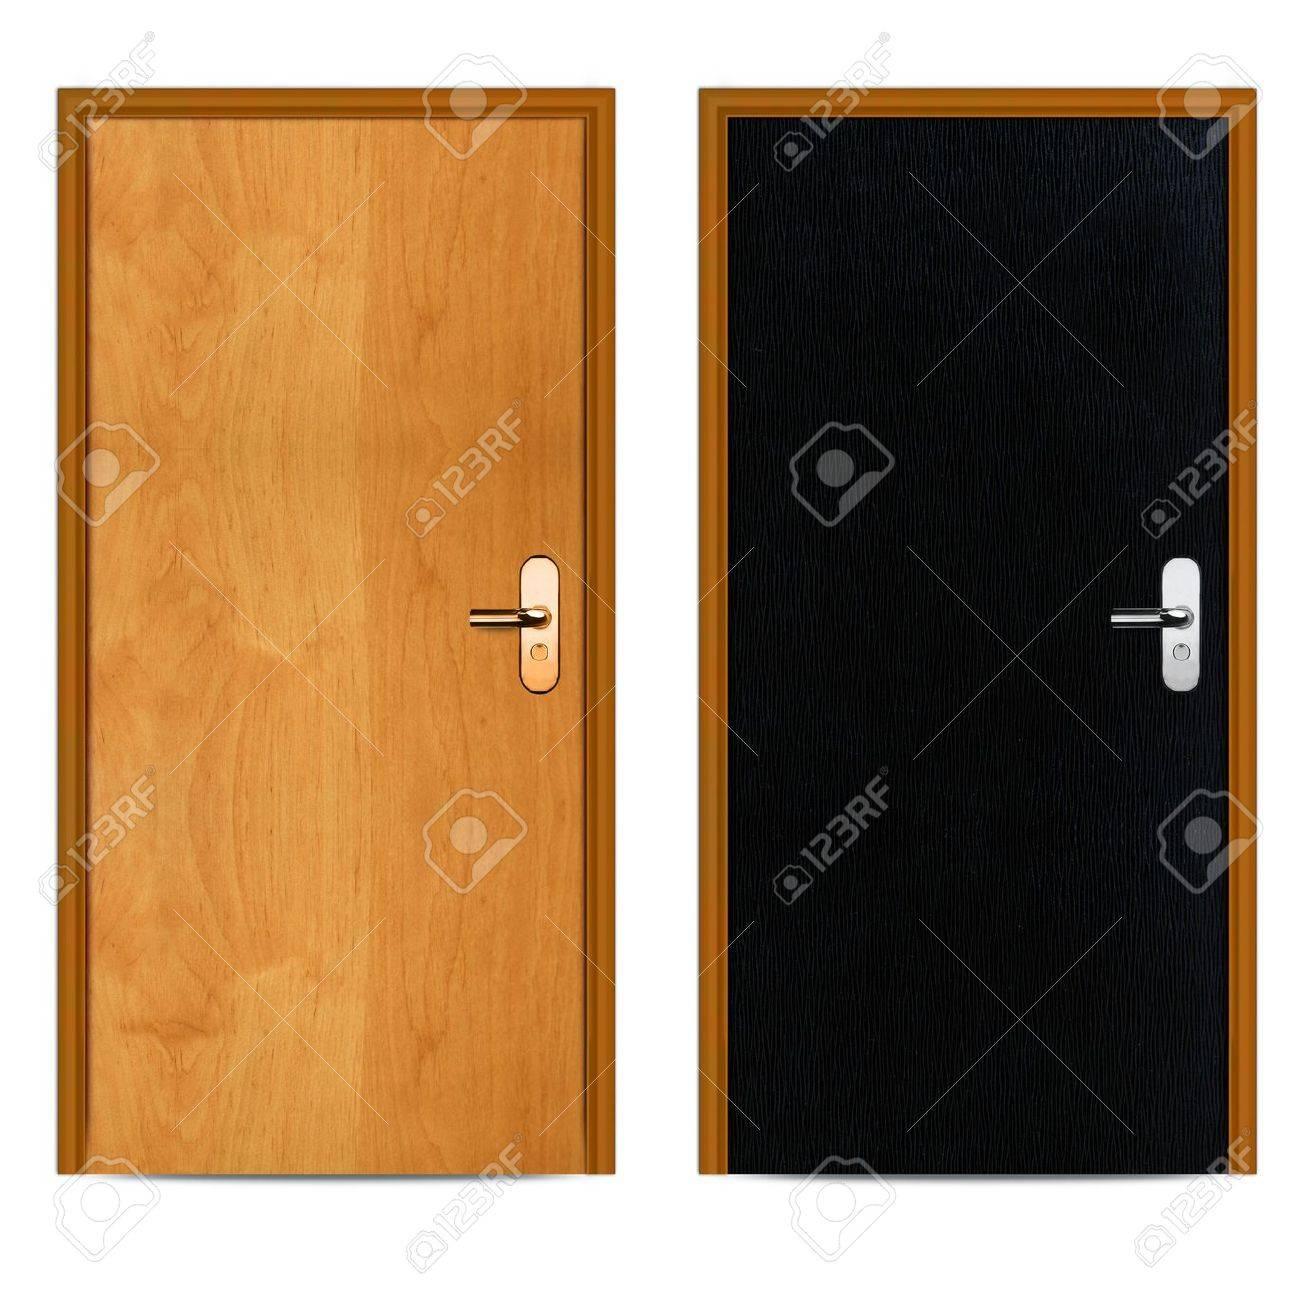 Innen Schwarz Und Braun Wohnung Holztür Isoliert Auf Weiß. Standard Bild    13274992